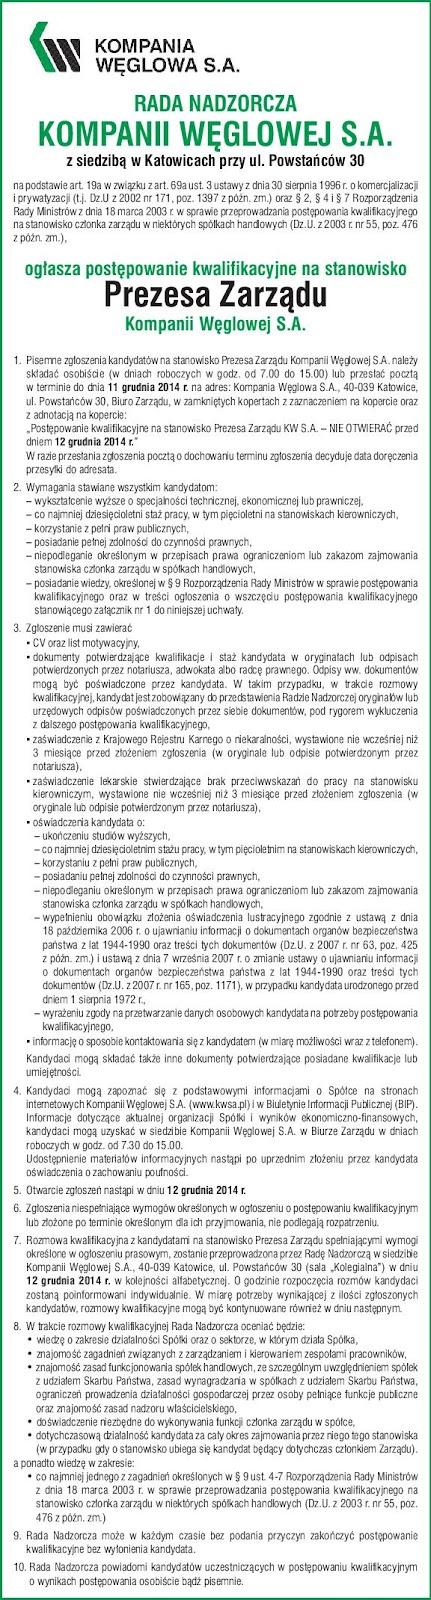 konkurs-na-prezesa-zarzadu-kw-2014-11-26-page-001.jpg